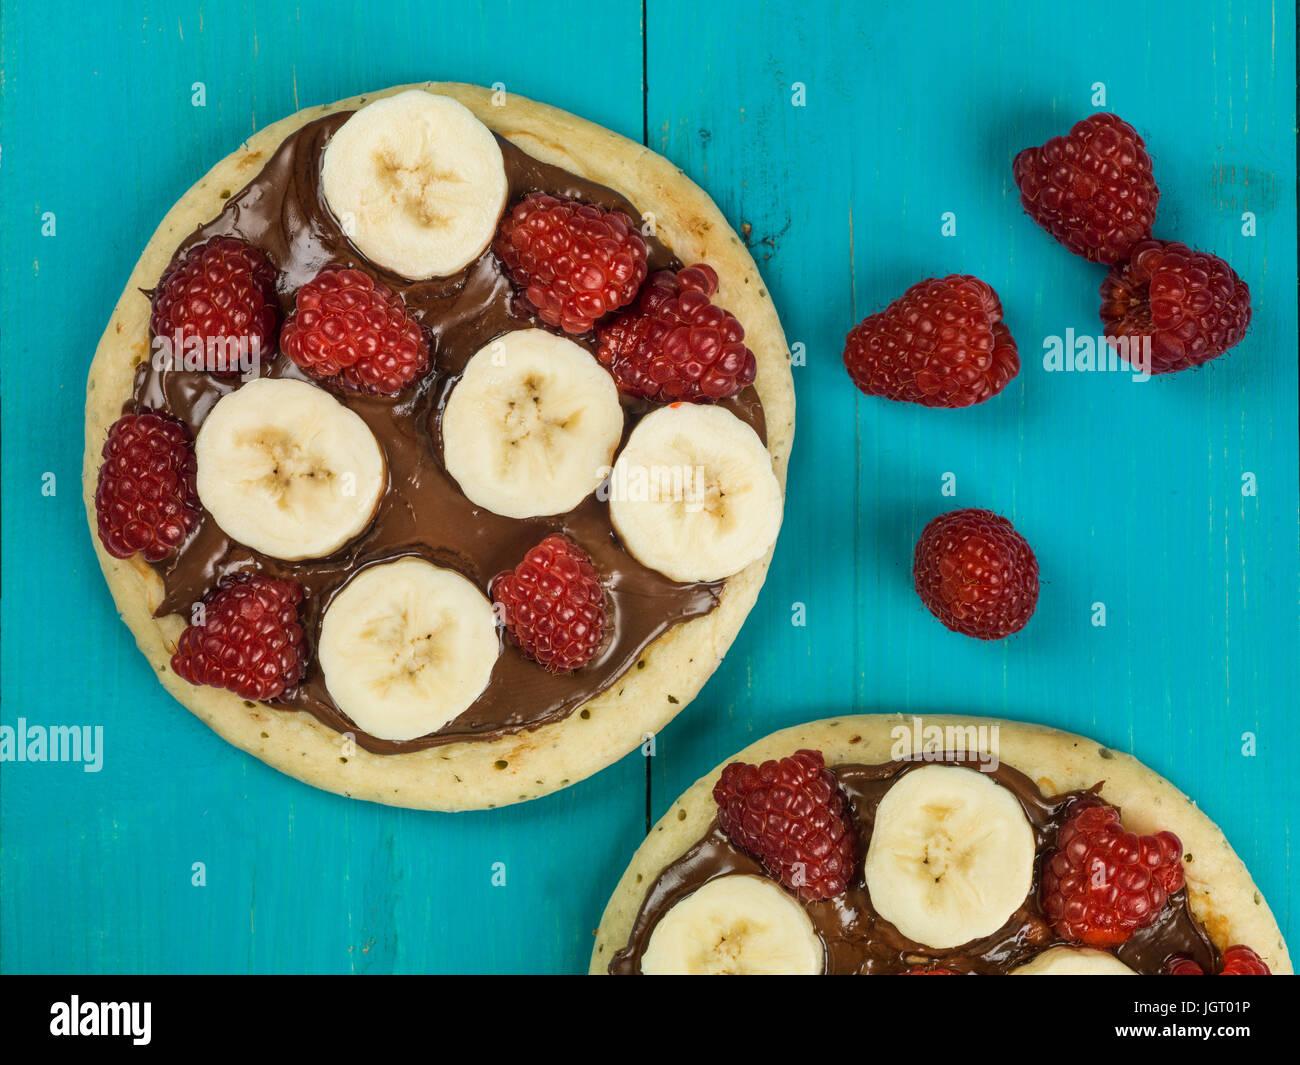 Crêpes de pâte à tartiner au chocolat, banane et framboises sur un fond bleu Photo Stock